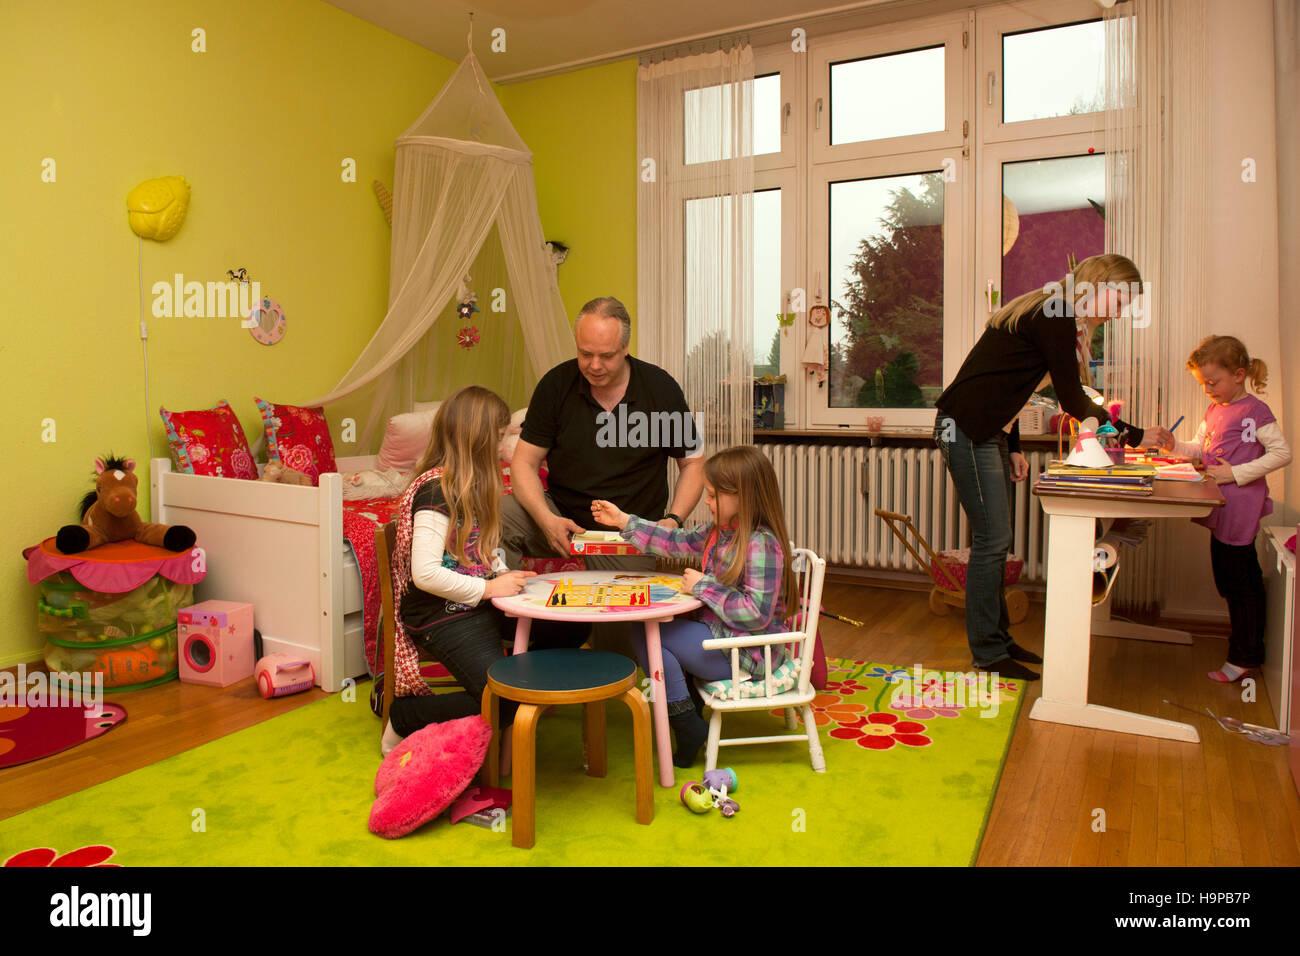 deutschland, junge familie mit höhle im kinderzimmer stockfoto, bild